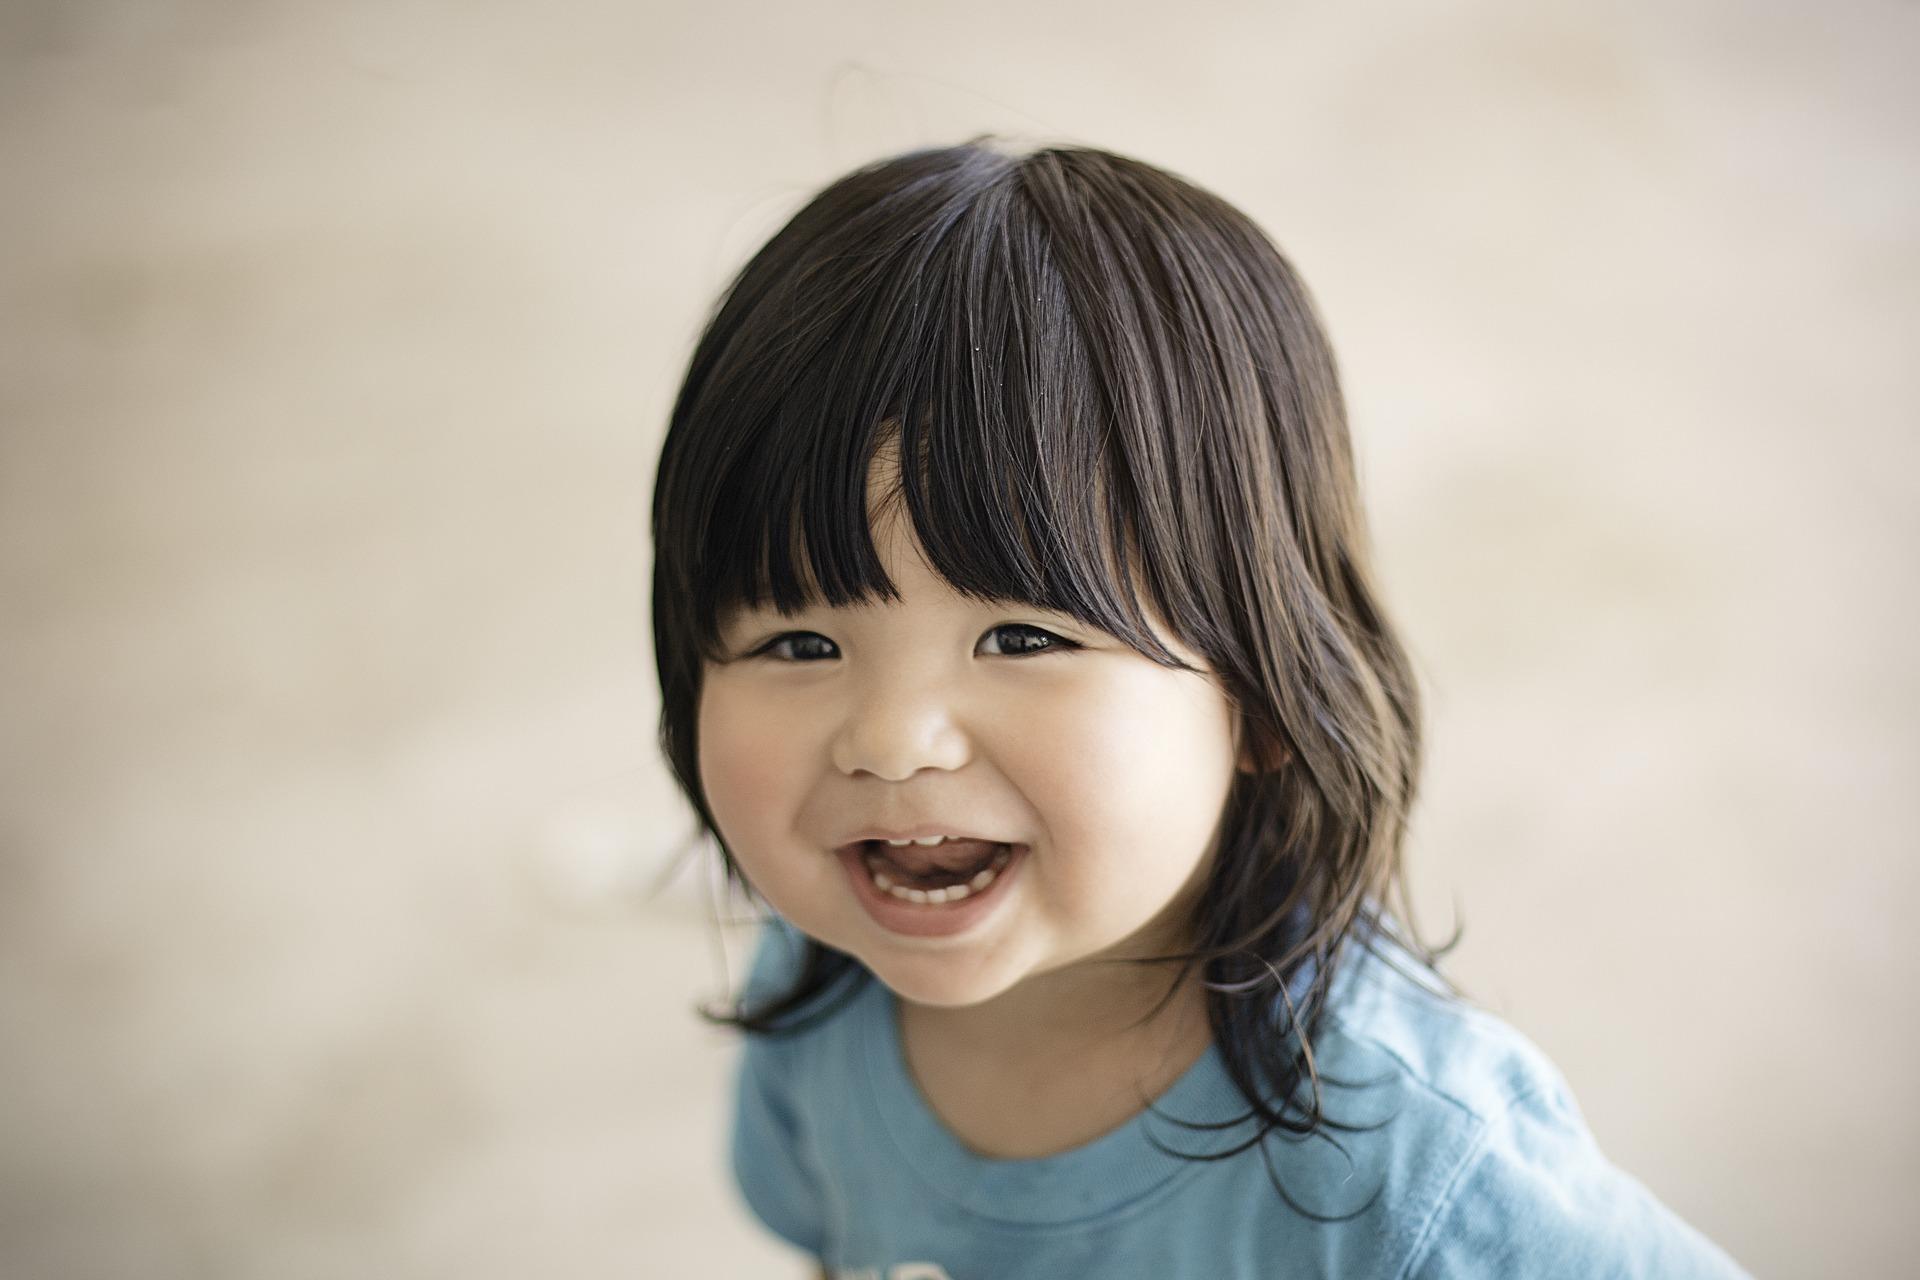 Sonrisa infantil